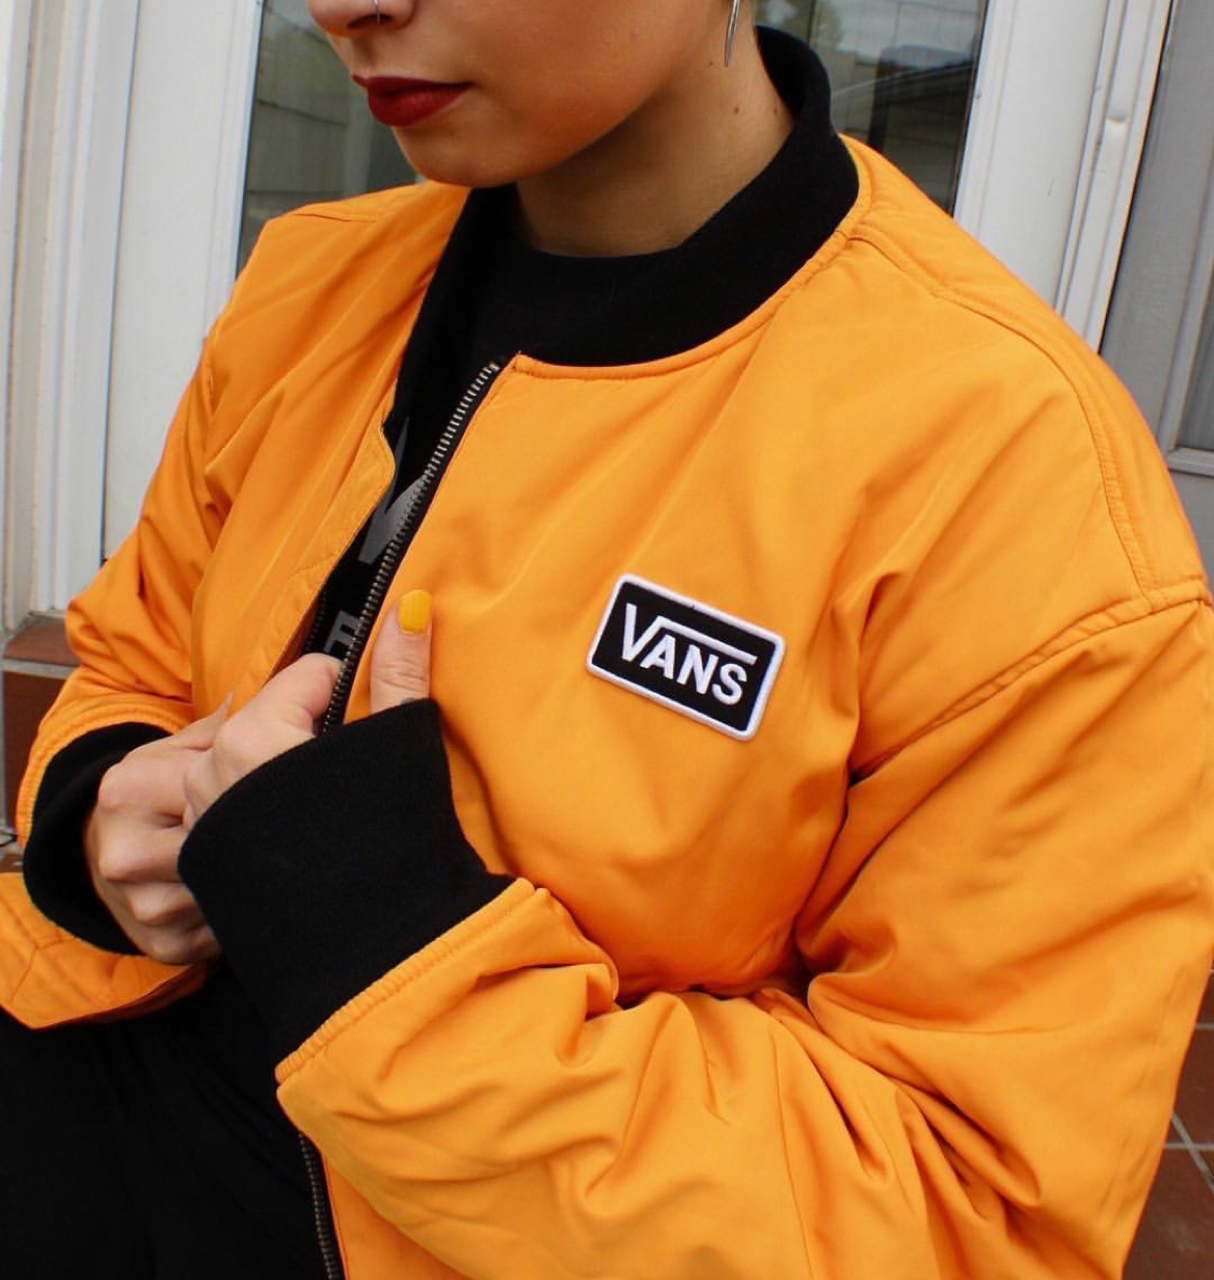 vans boom boom bomber jacket Shop Clothing & Shoes Online